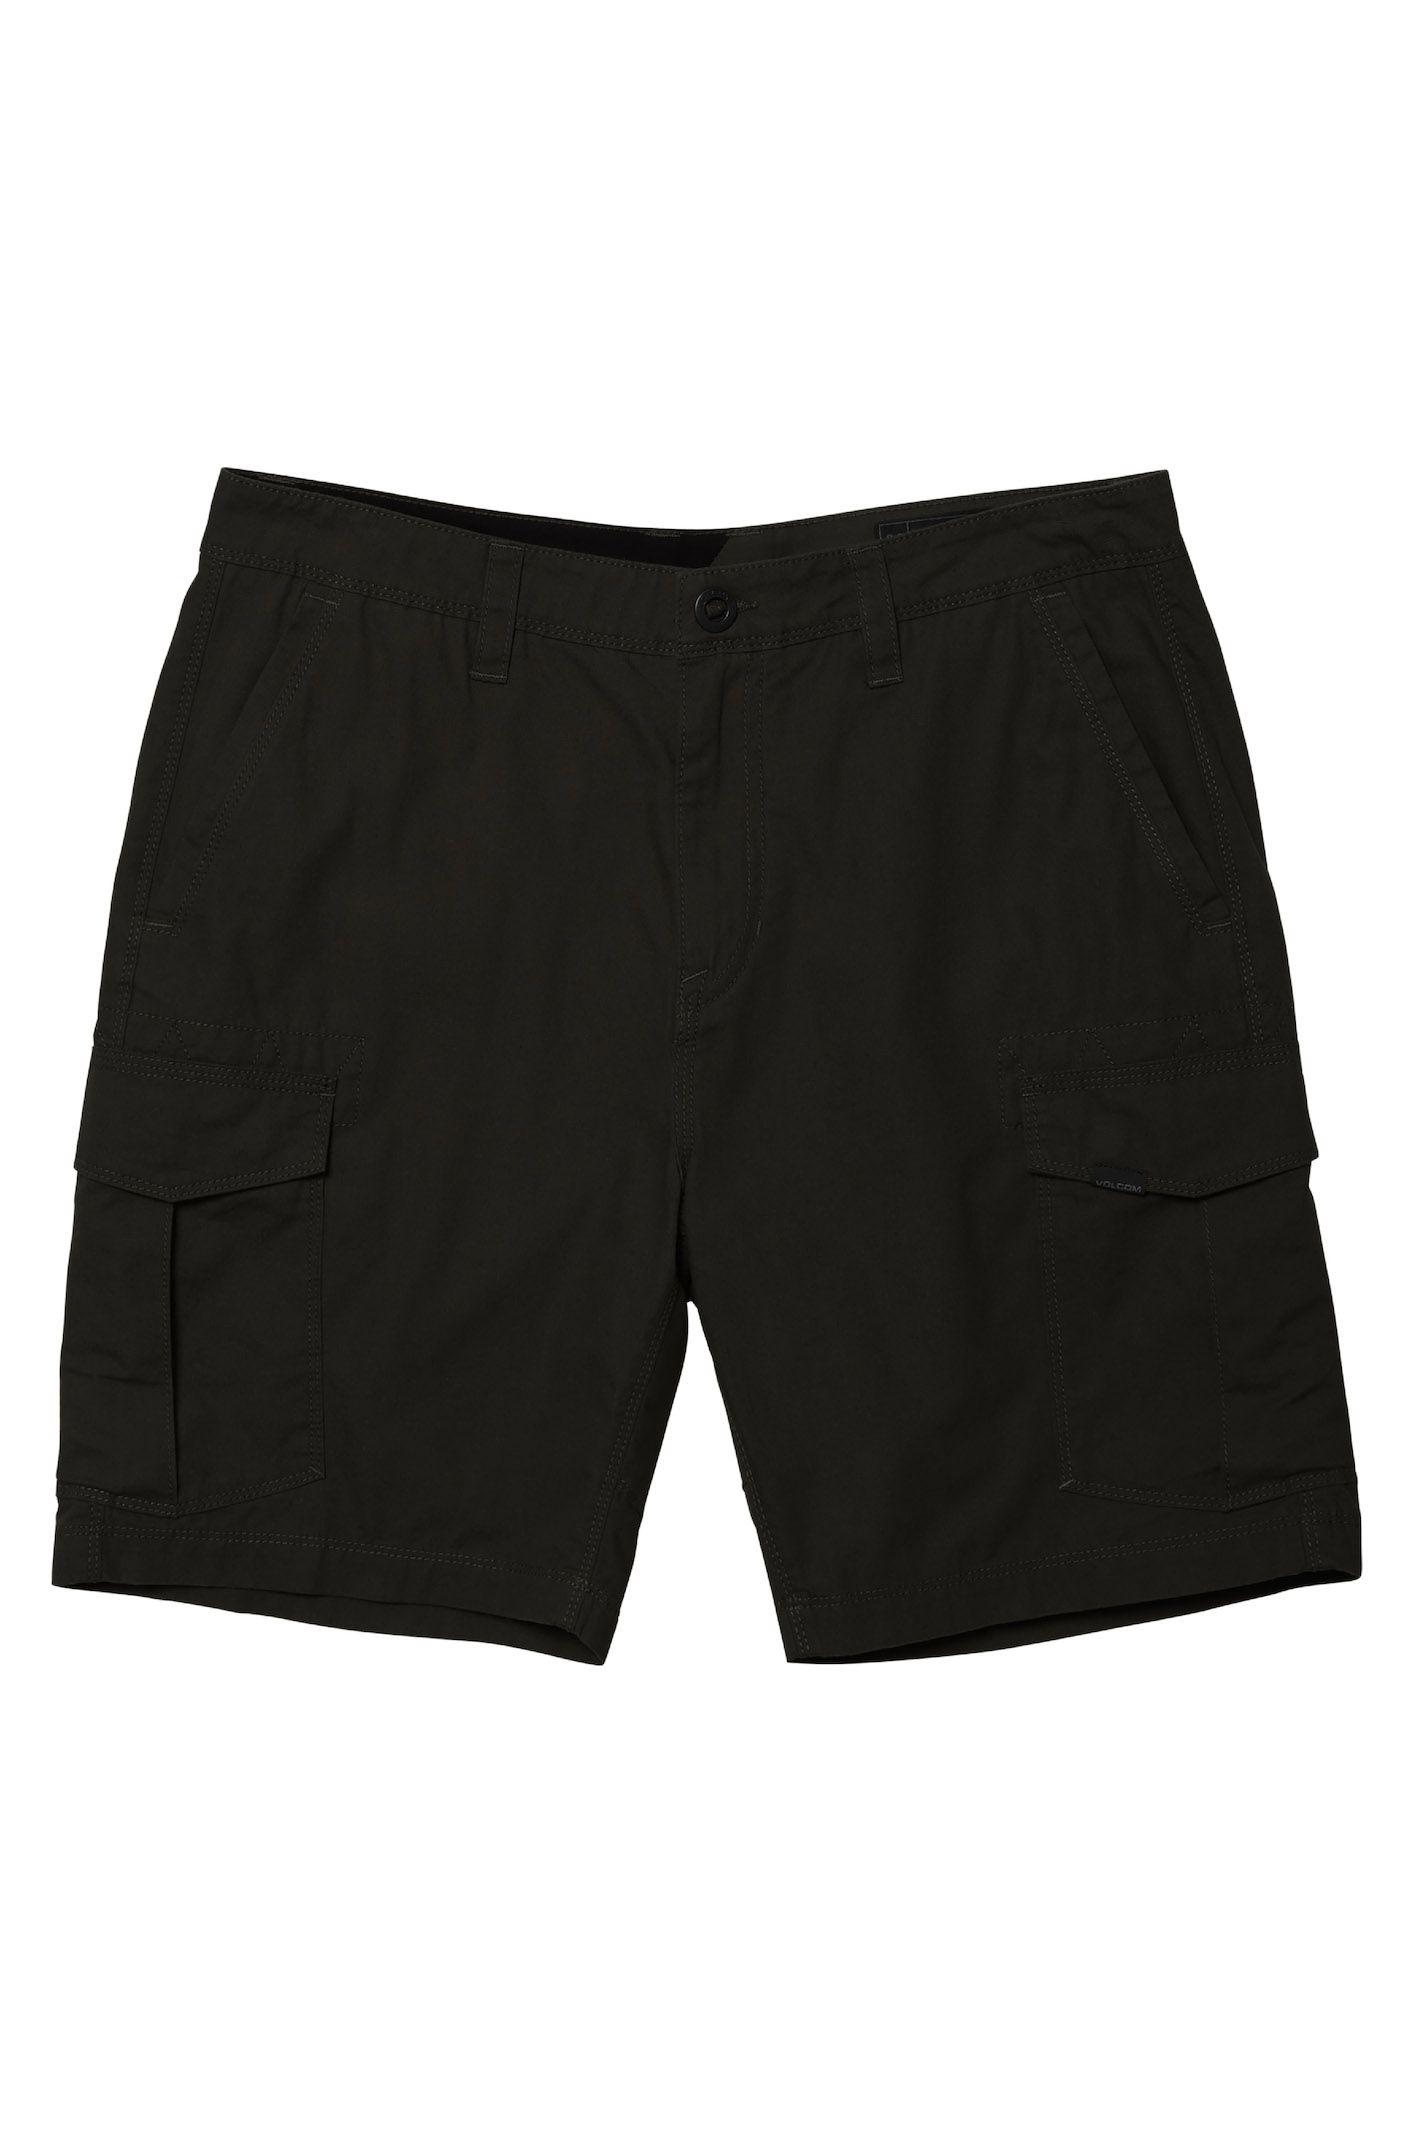 Volcom Walkshorts MITER III CARGO SHORT 20 Black